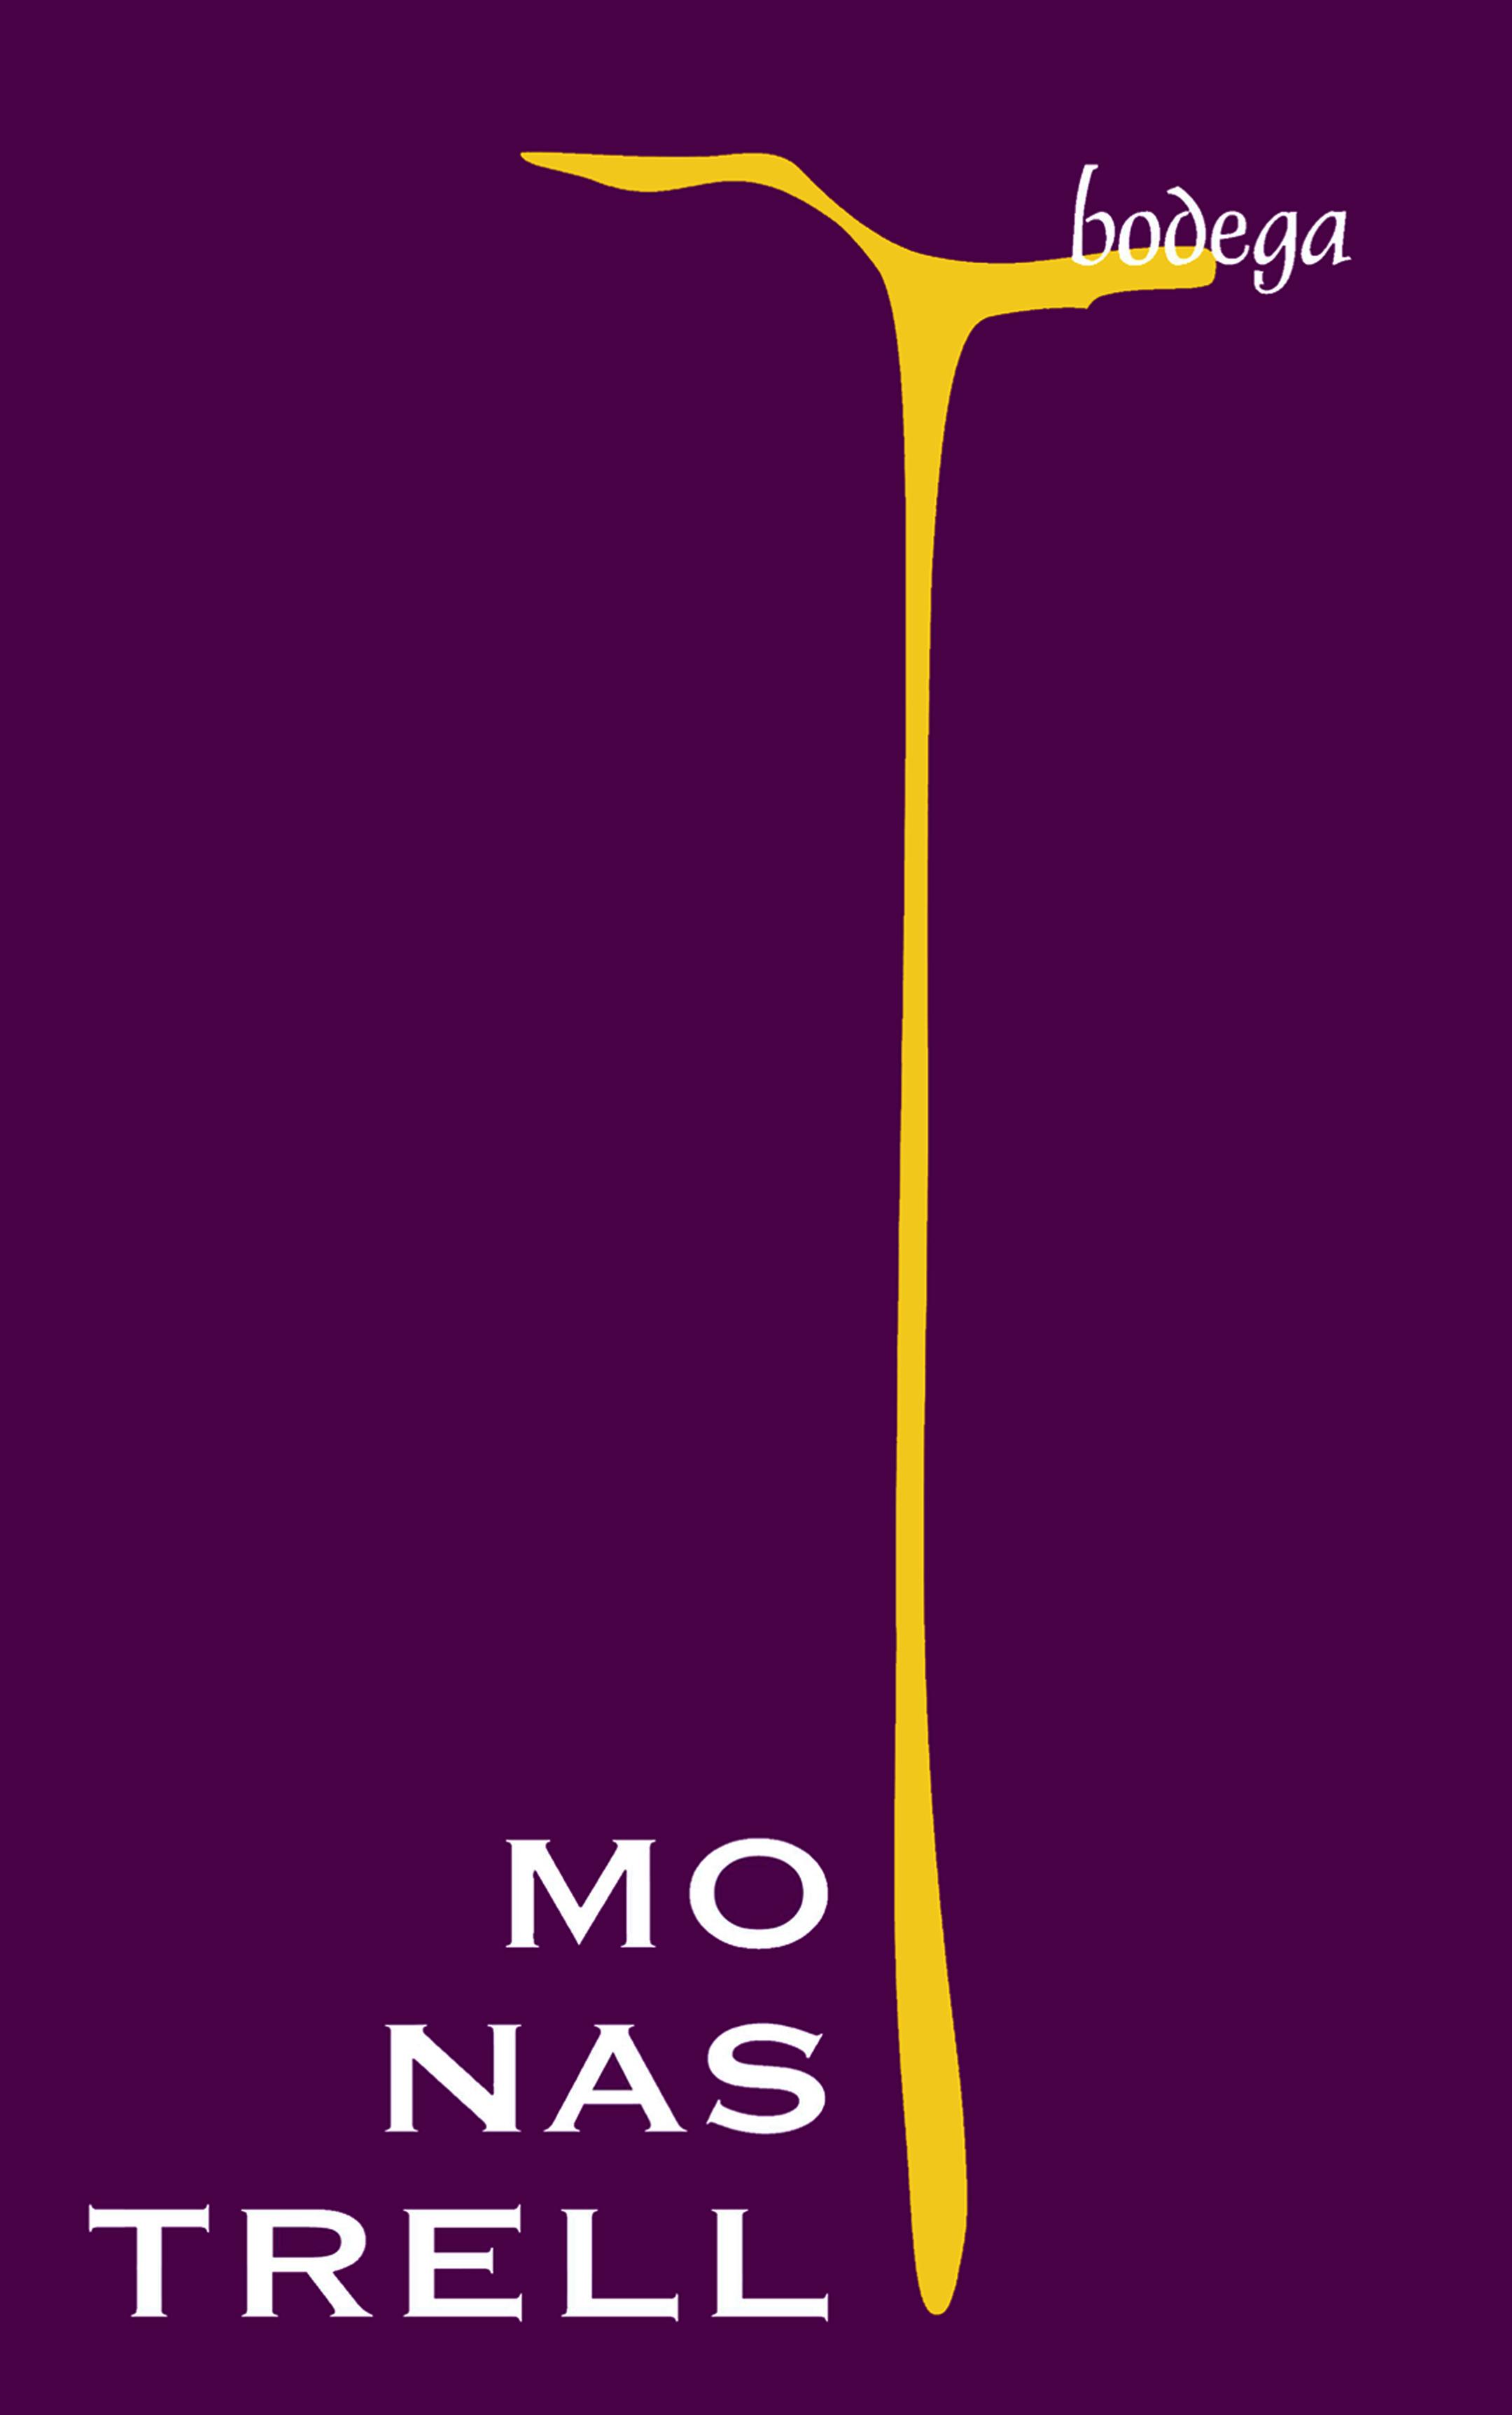 BODEGA MONASTRELL, S.L.